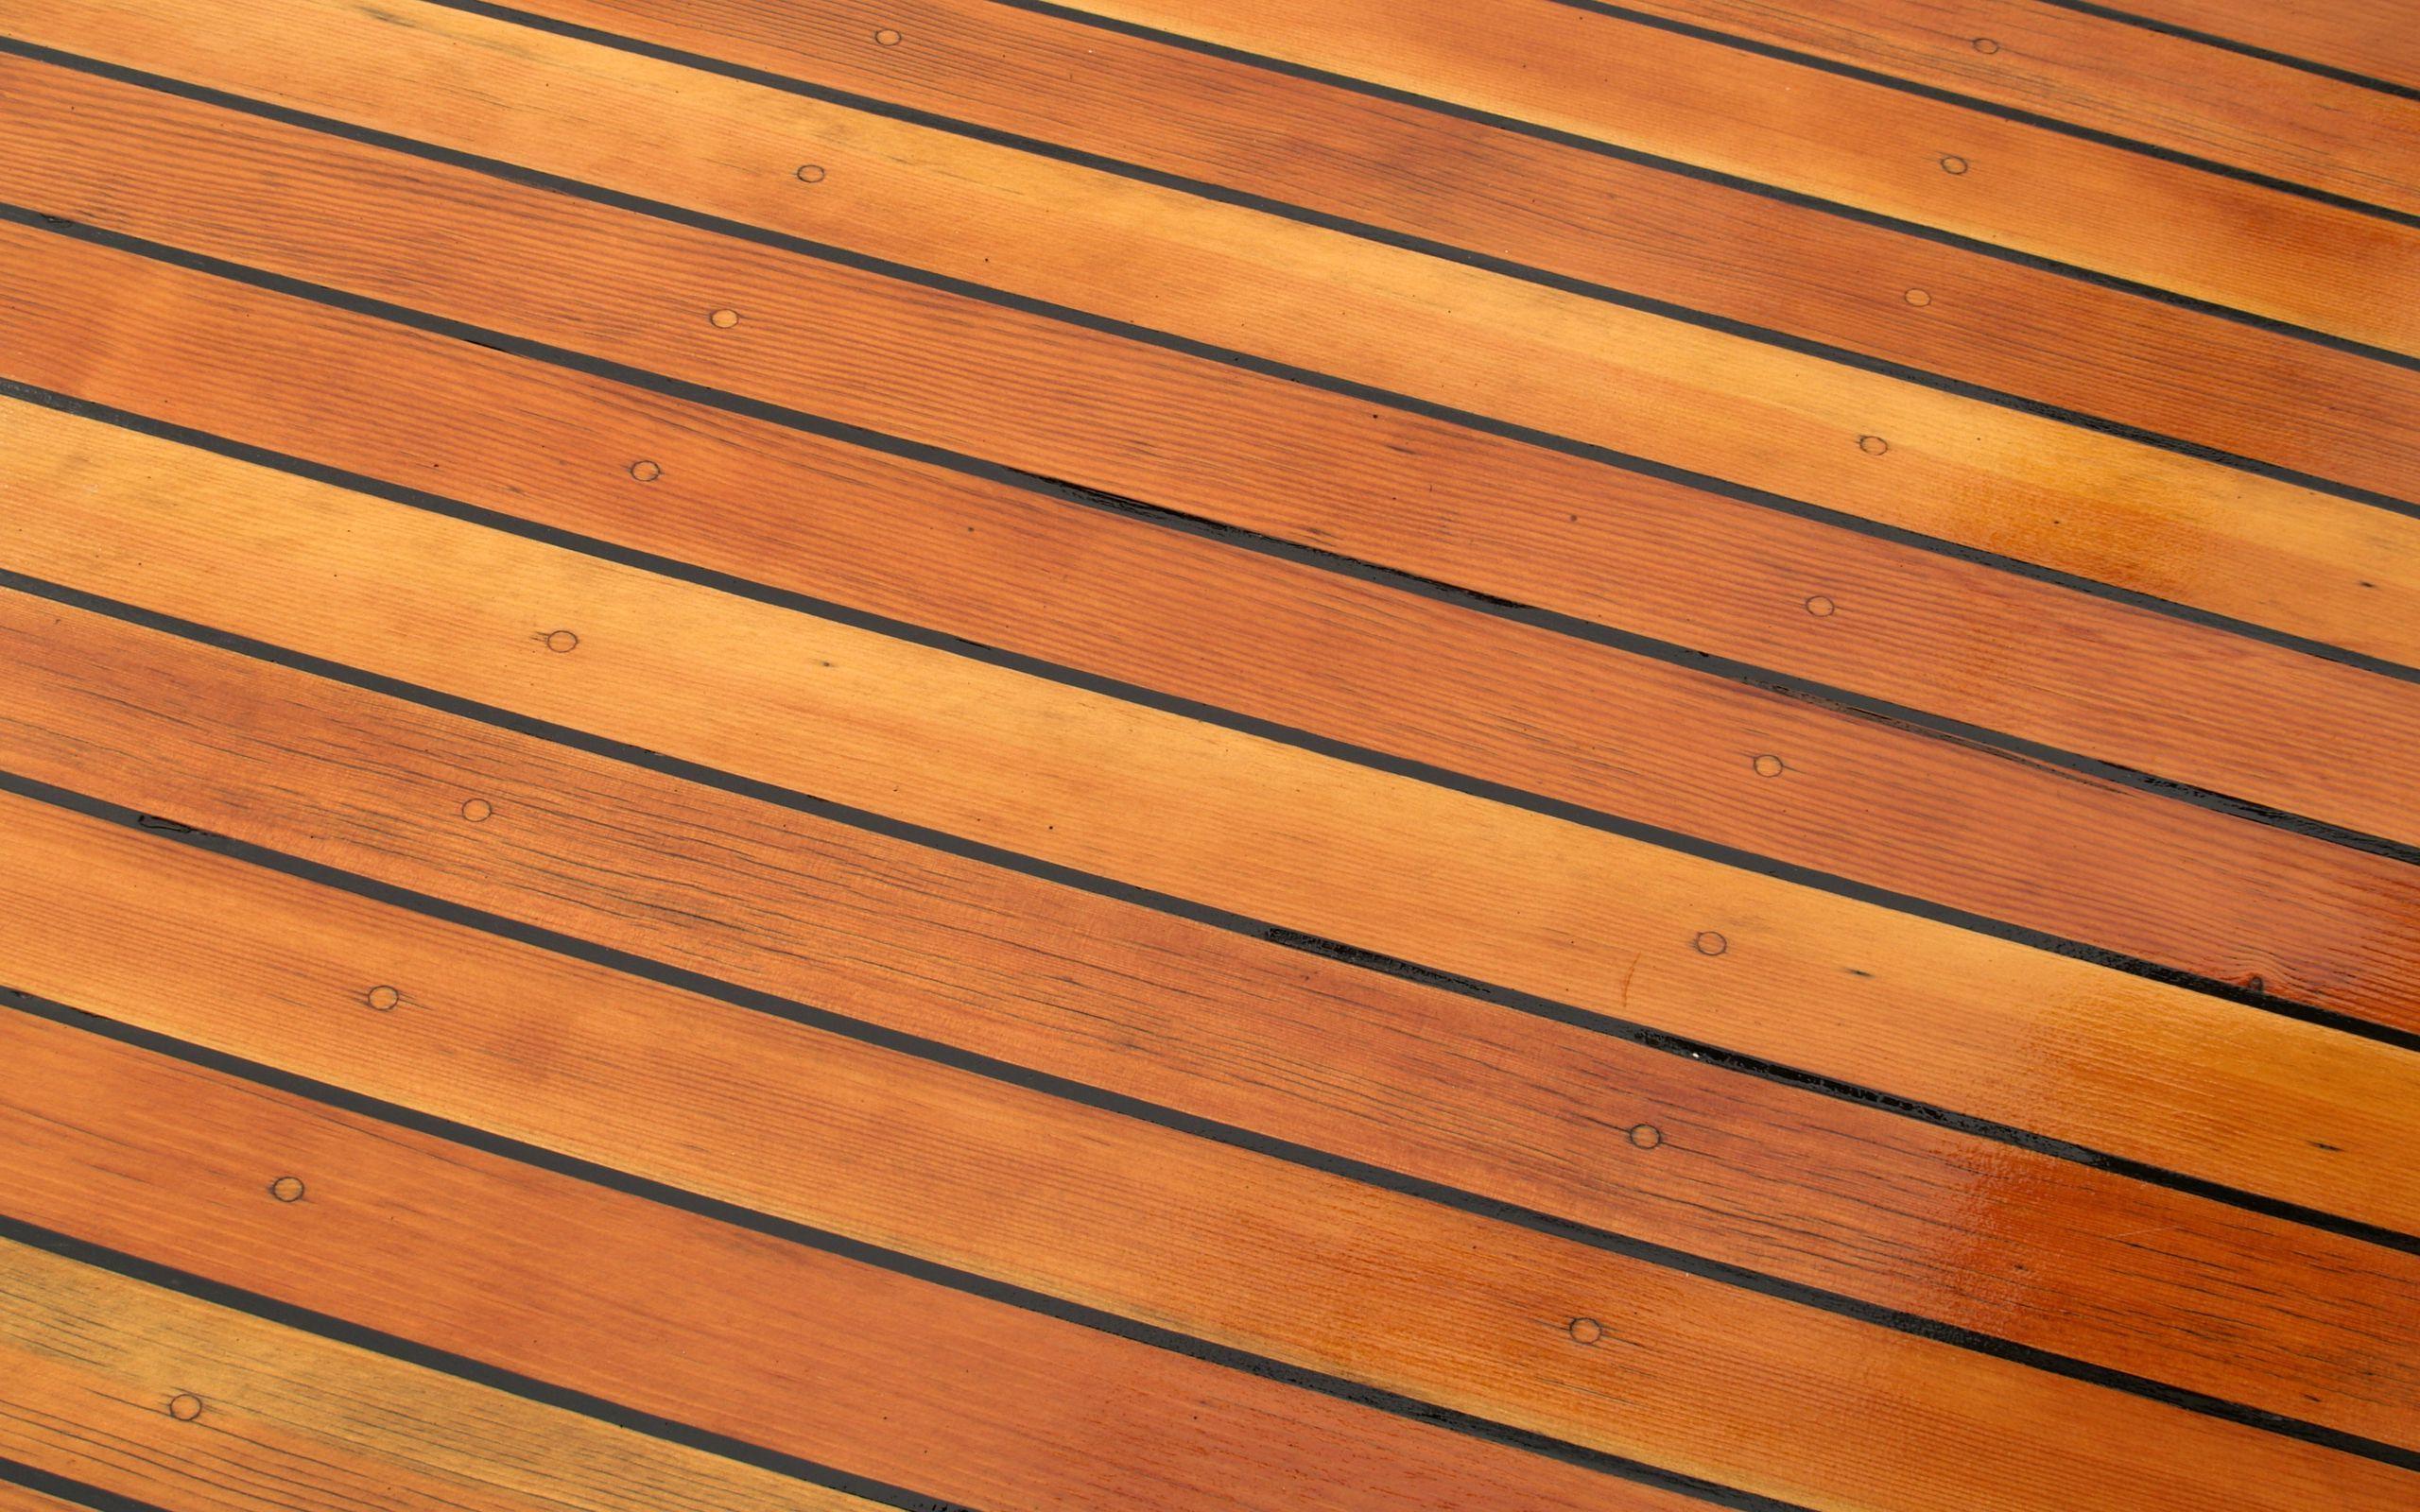 Wood Floor wallpaper 2560x1600